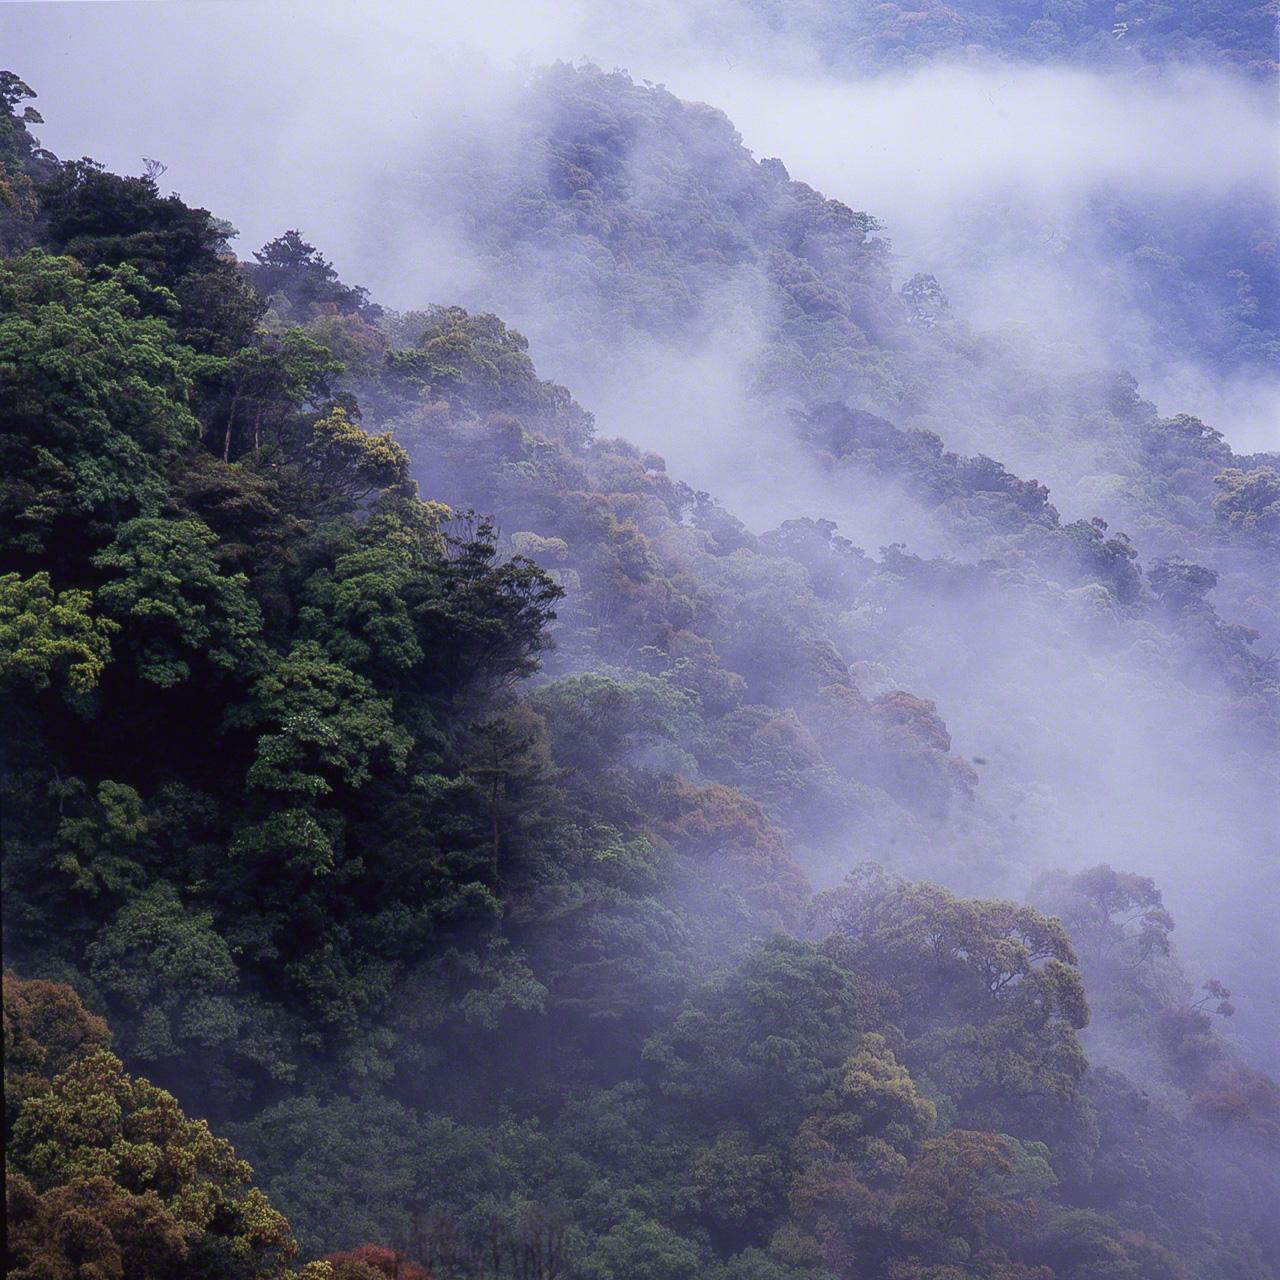 При изменении погодных условий лавровые леса иногда погружаются в туман